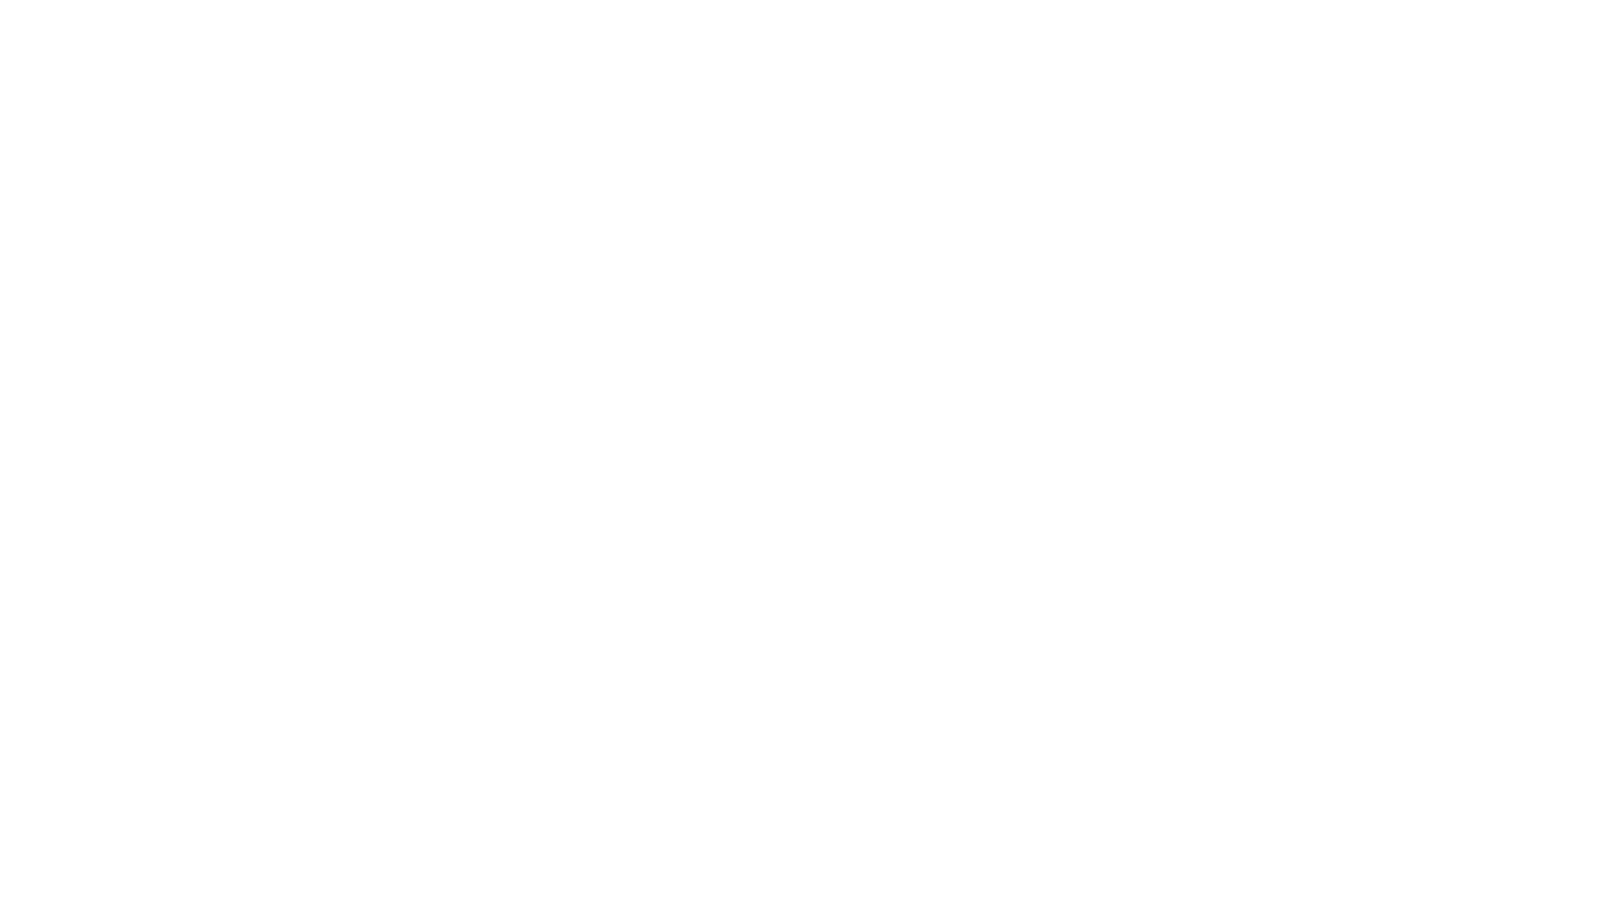 """Aktions-Demo von Die PARTEI am 08.05.2021 von 10-12 Uhr auf dem Marktplatz in Schwerin """"Tag der Befreiung vom guten Schein"""" Die PARTEI schreddert Gutscheine und gibt sie als Kunstwerke zurück. Die pandemische Lage liegt immer noch über der Stadt und lähmt und zersetzt Kunst, Kultur und Kneipen. Die ersten Hoffnungsschimmer glitzern am Horizont und die Rückkehr zum alten Altstadtleben scheint bald sichtbar. Was aber passiert, wenn Kneipe, Kino, Kunsthaus und Kartoffeldruck-Stempel-Geschäft wieder für alle Kunden öffnen und die Einrichtungen gestürmt werden und alte Gutscheine eingelöst? Da wird eine weitere Welle ohne Einnahmen an kippelige Geschäftskonzepte schwappen. Hier möchte Die PARTEI vorsorgen und ruft alle Einwohner von Schwerin (w/m/d) auf, ihre Gutscheine, die bisher noch nicht eingelöst wurden, bei der Aktionsdemo vorbeizubringen und von uns schreddern zu lassen. Als Dankeschön informieren wir den Gutscheinsteller und schaffen vor Ort ein kleines Kunstwerk aus dem Geschredderten und schenken es zurück als Erinnerung an diese eigenartige Zeit. Kinder und Kindeskinder werden somit noch über Generationen an diese Zeit erinnert. Wer keinen Gutschein besitzt, kann sich vor Ort einen kaufen und schreddern lassen. Die zusätzlichen Einnahmen spenden wir den Klimaaktivisten. Ihnen gehört die politische Zukunft. Ein Jahr nach der letzten Demo sehen wir uns wieder auf der Straße und kämpfen wie immer für eine gerechte Welt ohne Maskenprovisionen, für verbeamtetes Pflegepersonal, für mehr Rettungsringe im Mittelmeer, für schärfere Klimaziele und weniger rechte Parteien. Die PARTEI Schwerin freut sich auf zahlreiche Beteiligung und mit Abstand die beste Demo der letzten Zeit in der Landeshauptstadt MVs. #guterScheinSchwerin Fotos anbei: Copyright – Die PARTEI Schwerin"""